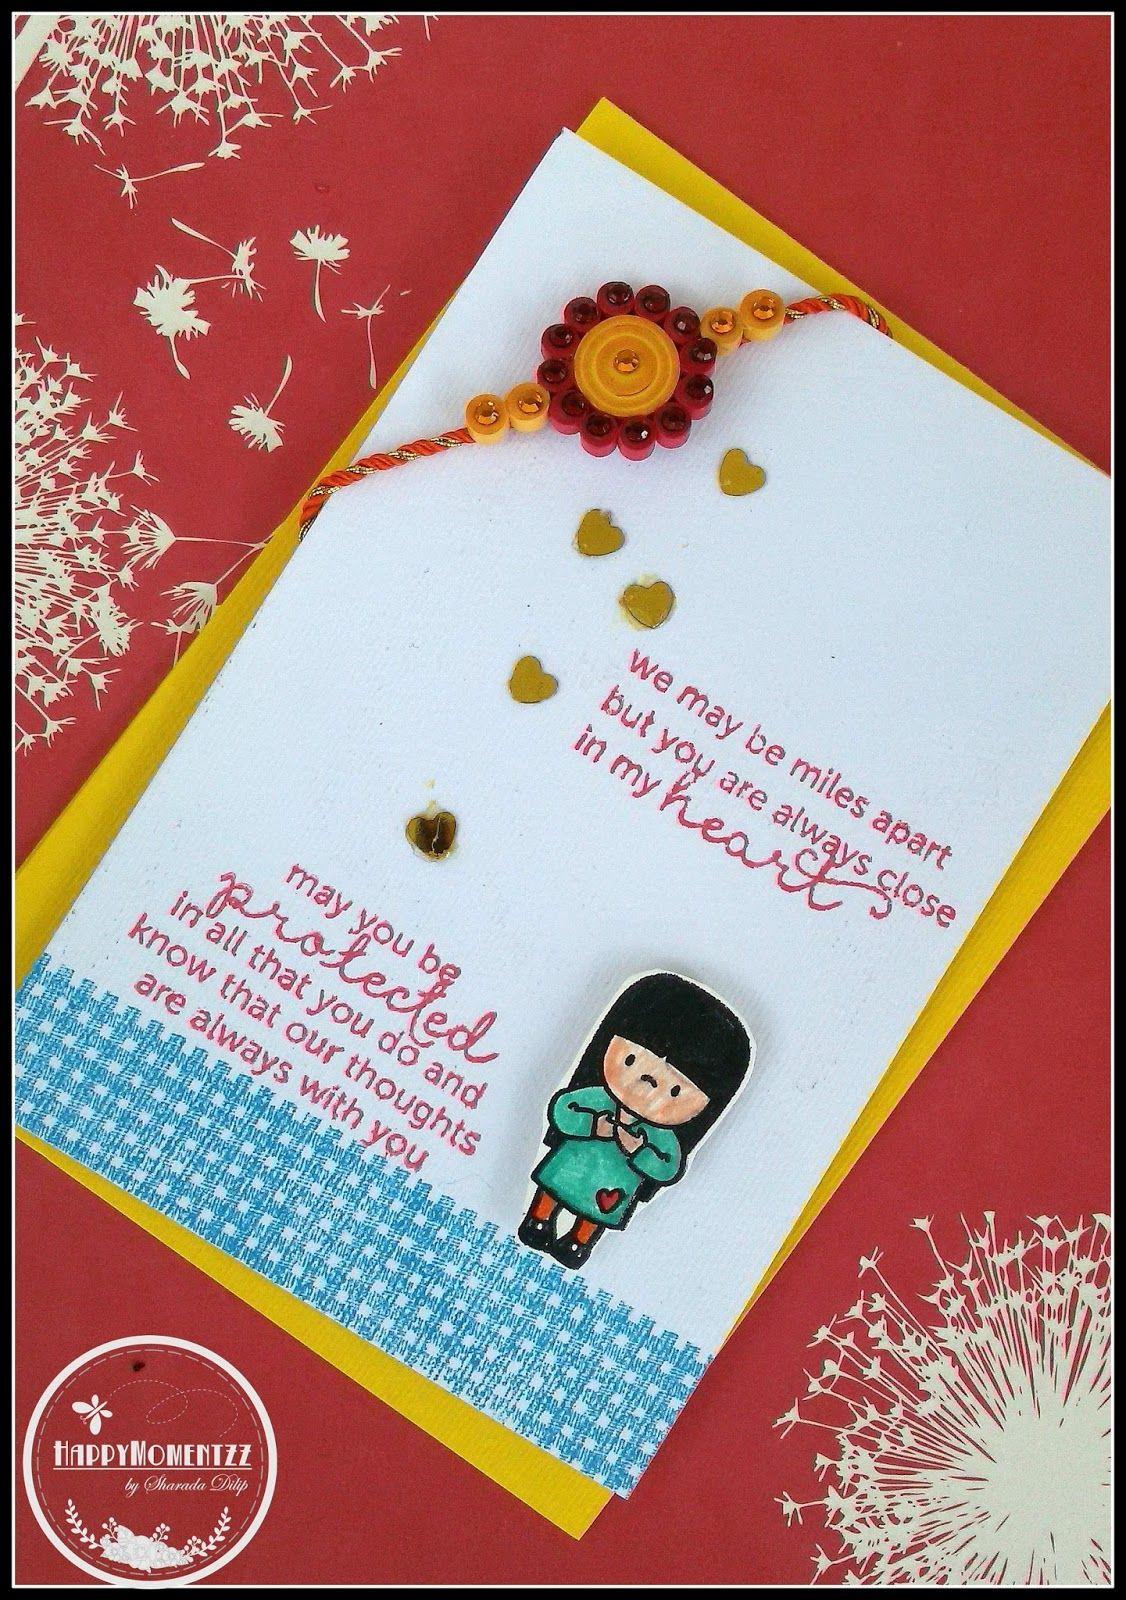 Pin By Maninder On Coates Pinterest Rakhi Cards Rakhi And Cards